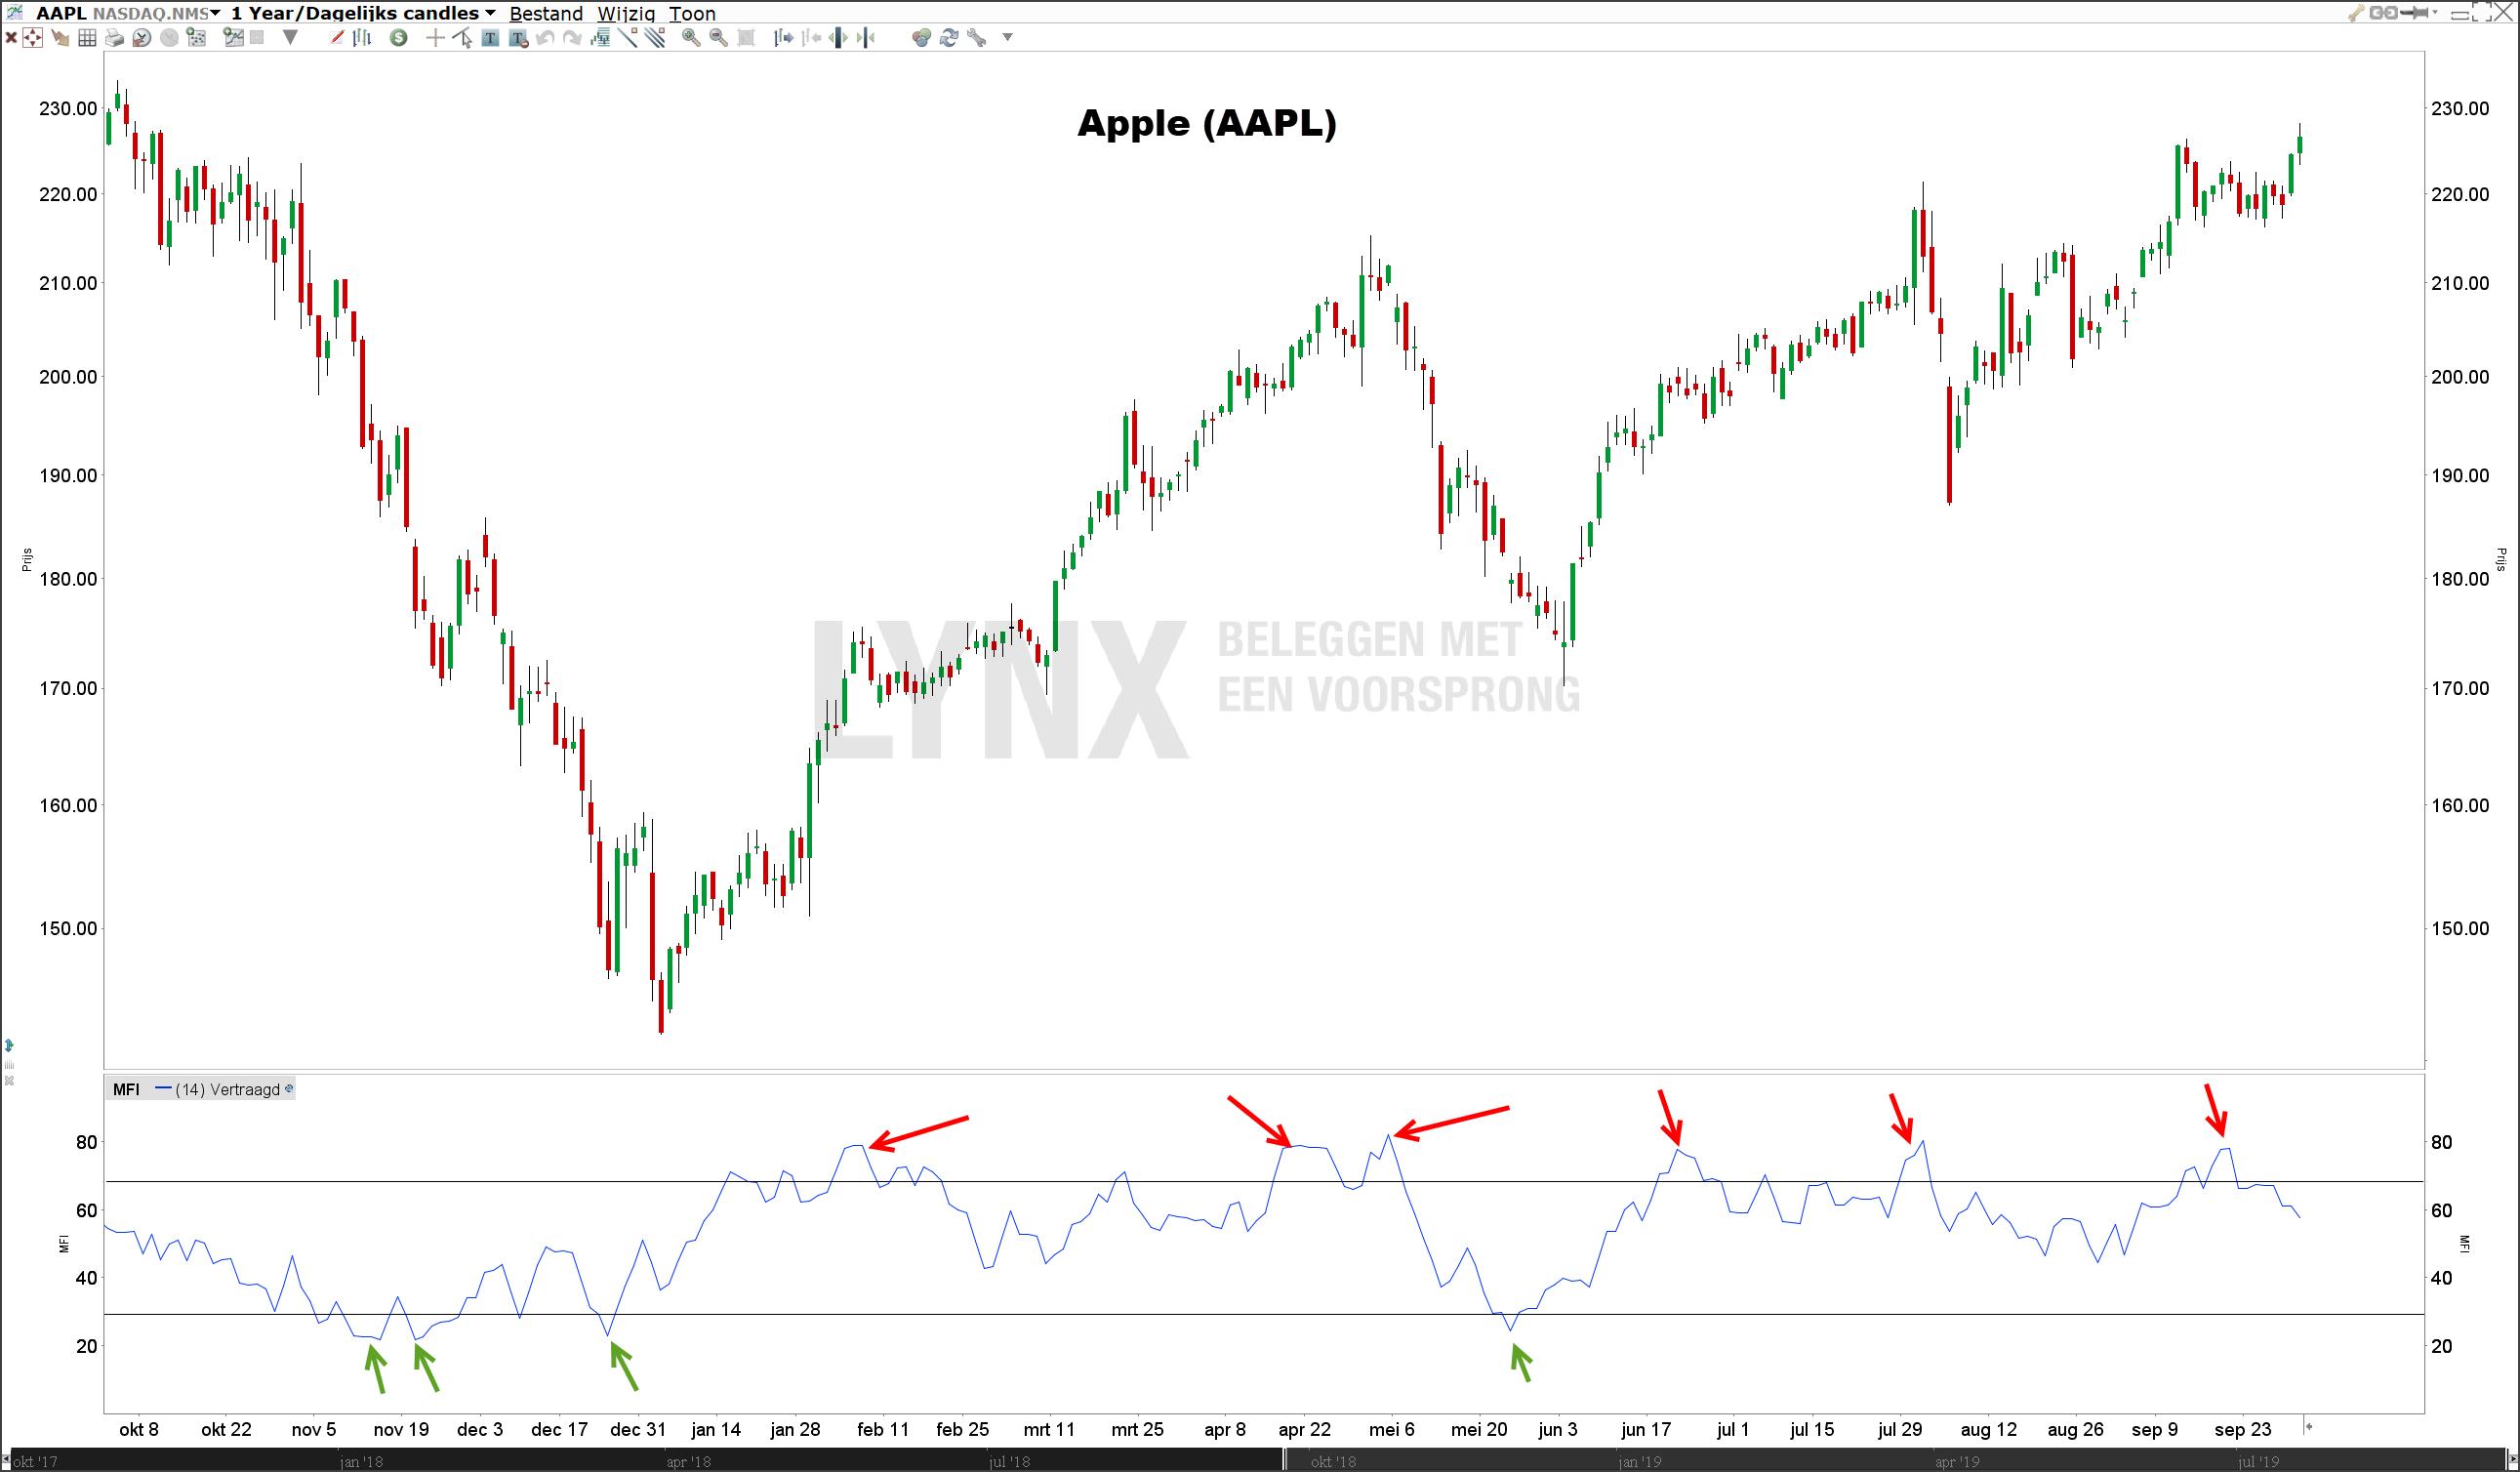 Money Flow Index (MFI) in grafiek aandeel Apple